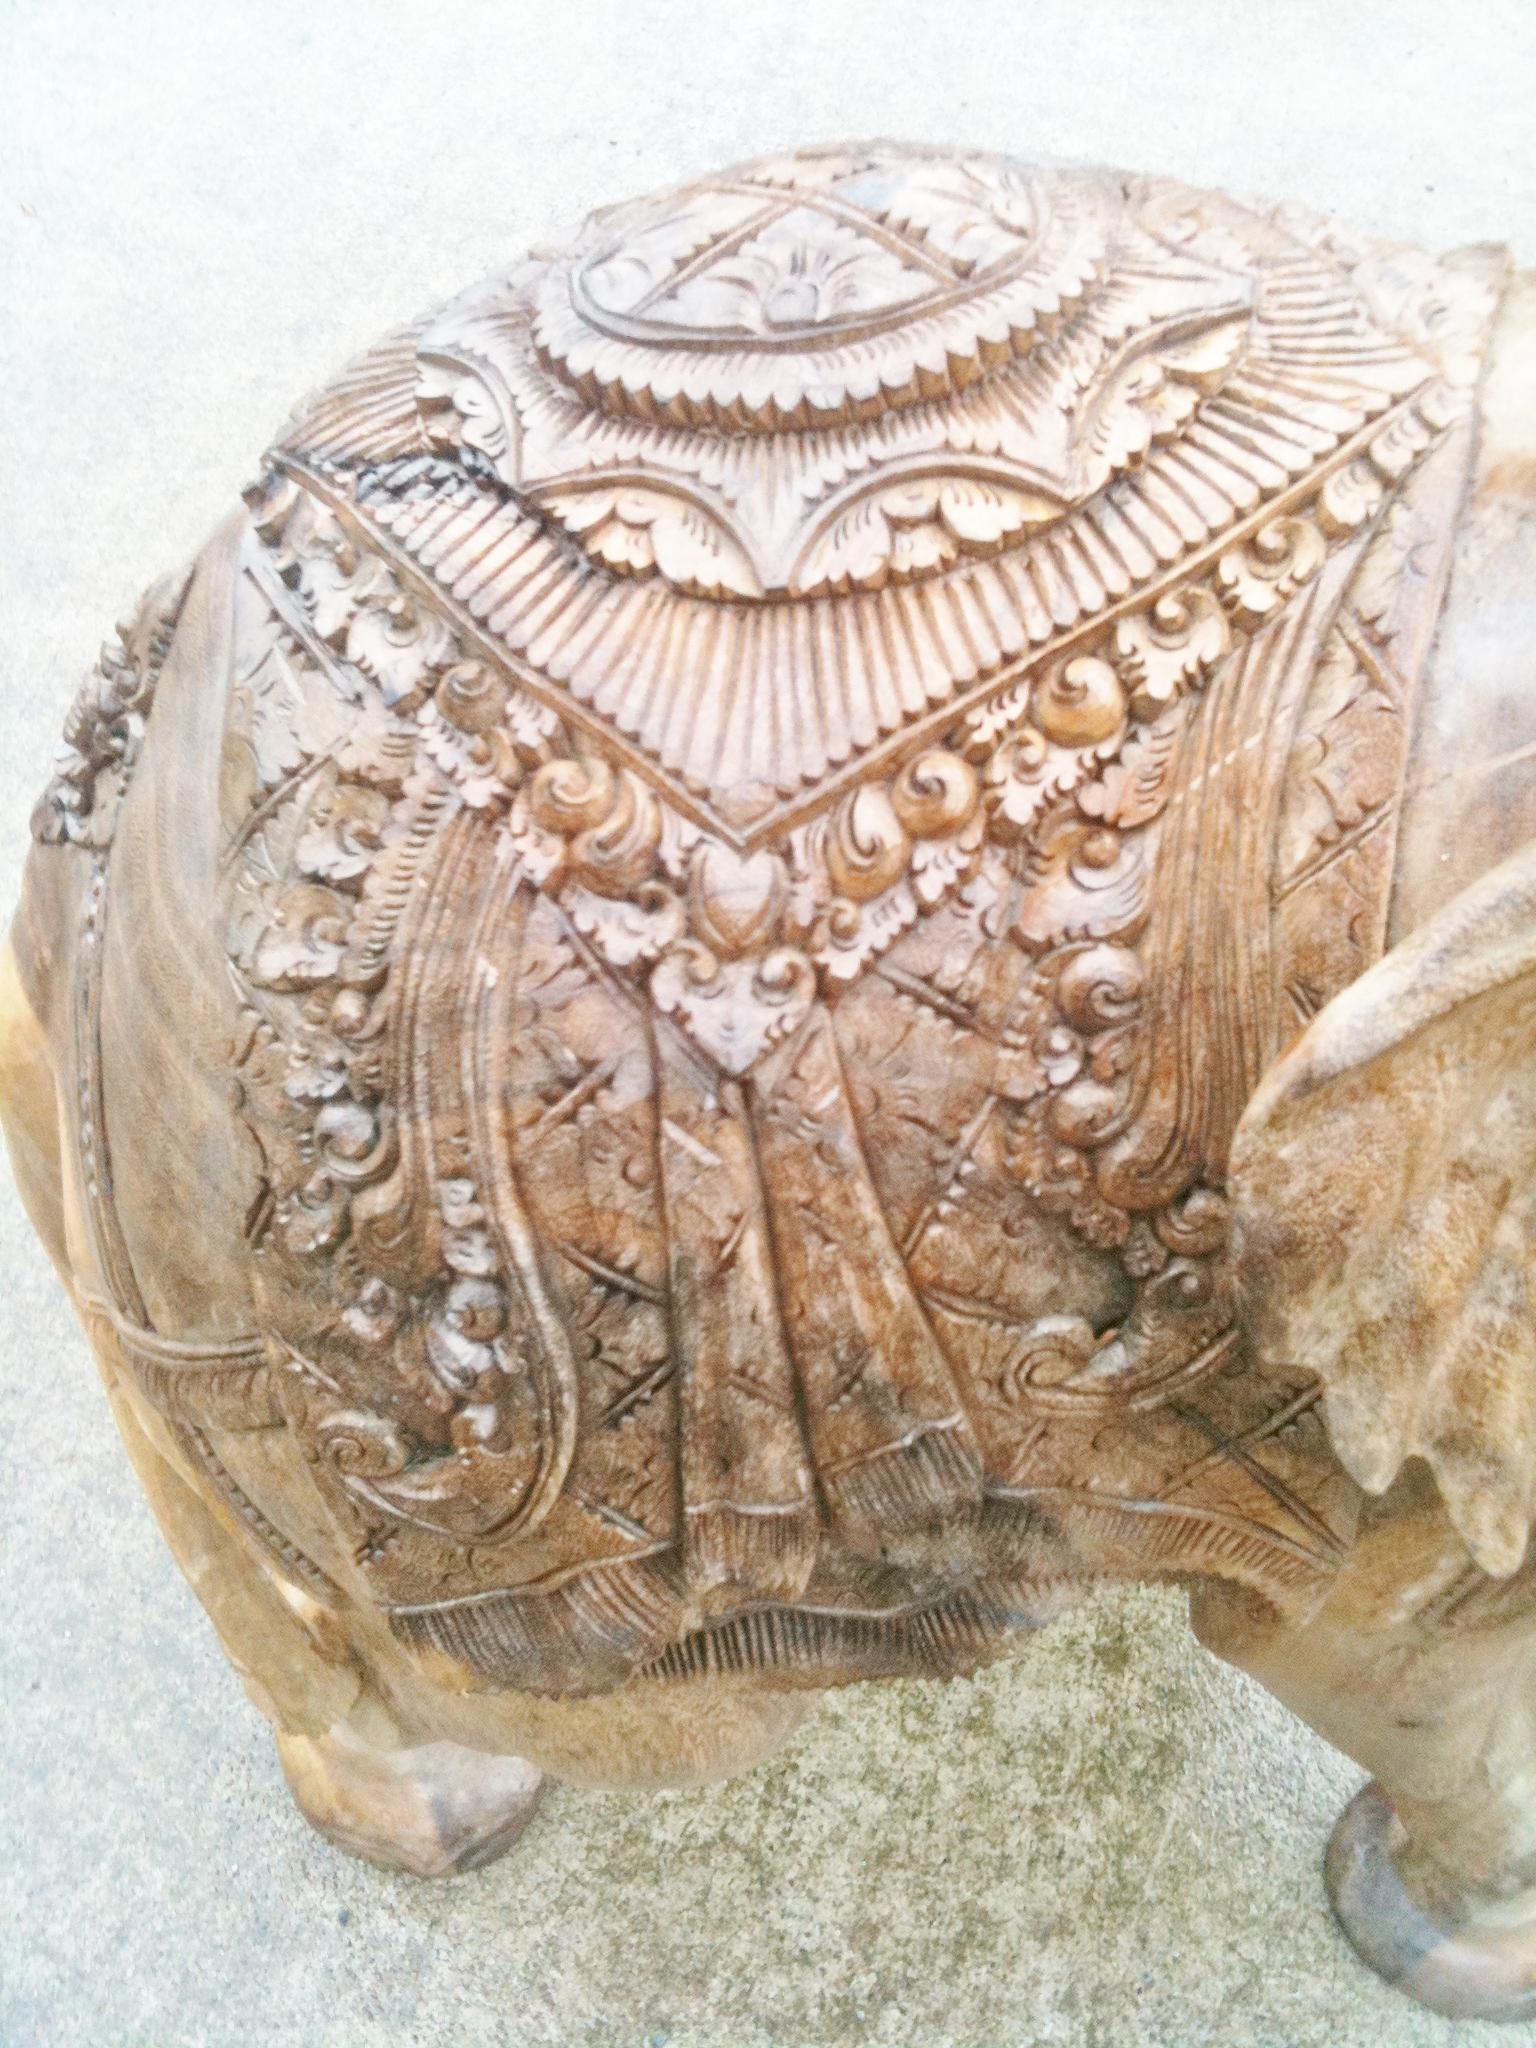 Large Saddle Elephant Chiselcraft Co Ukhand Made Wooden